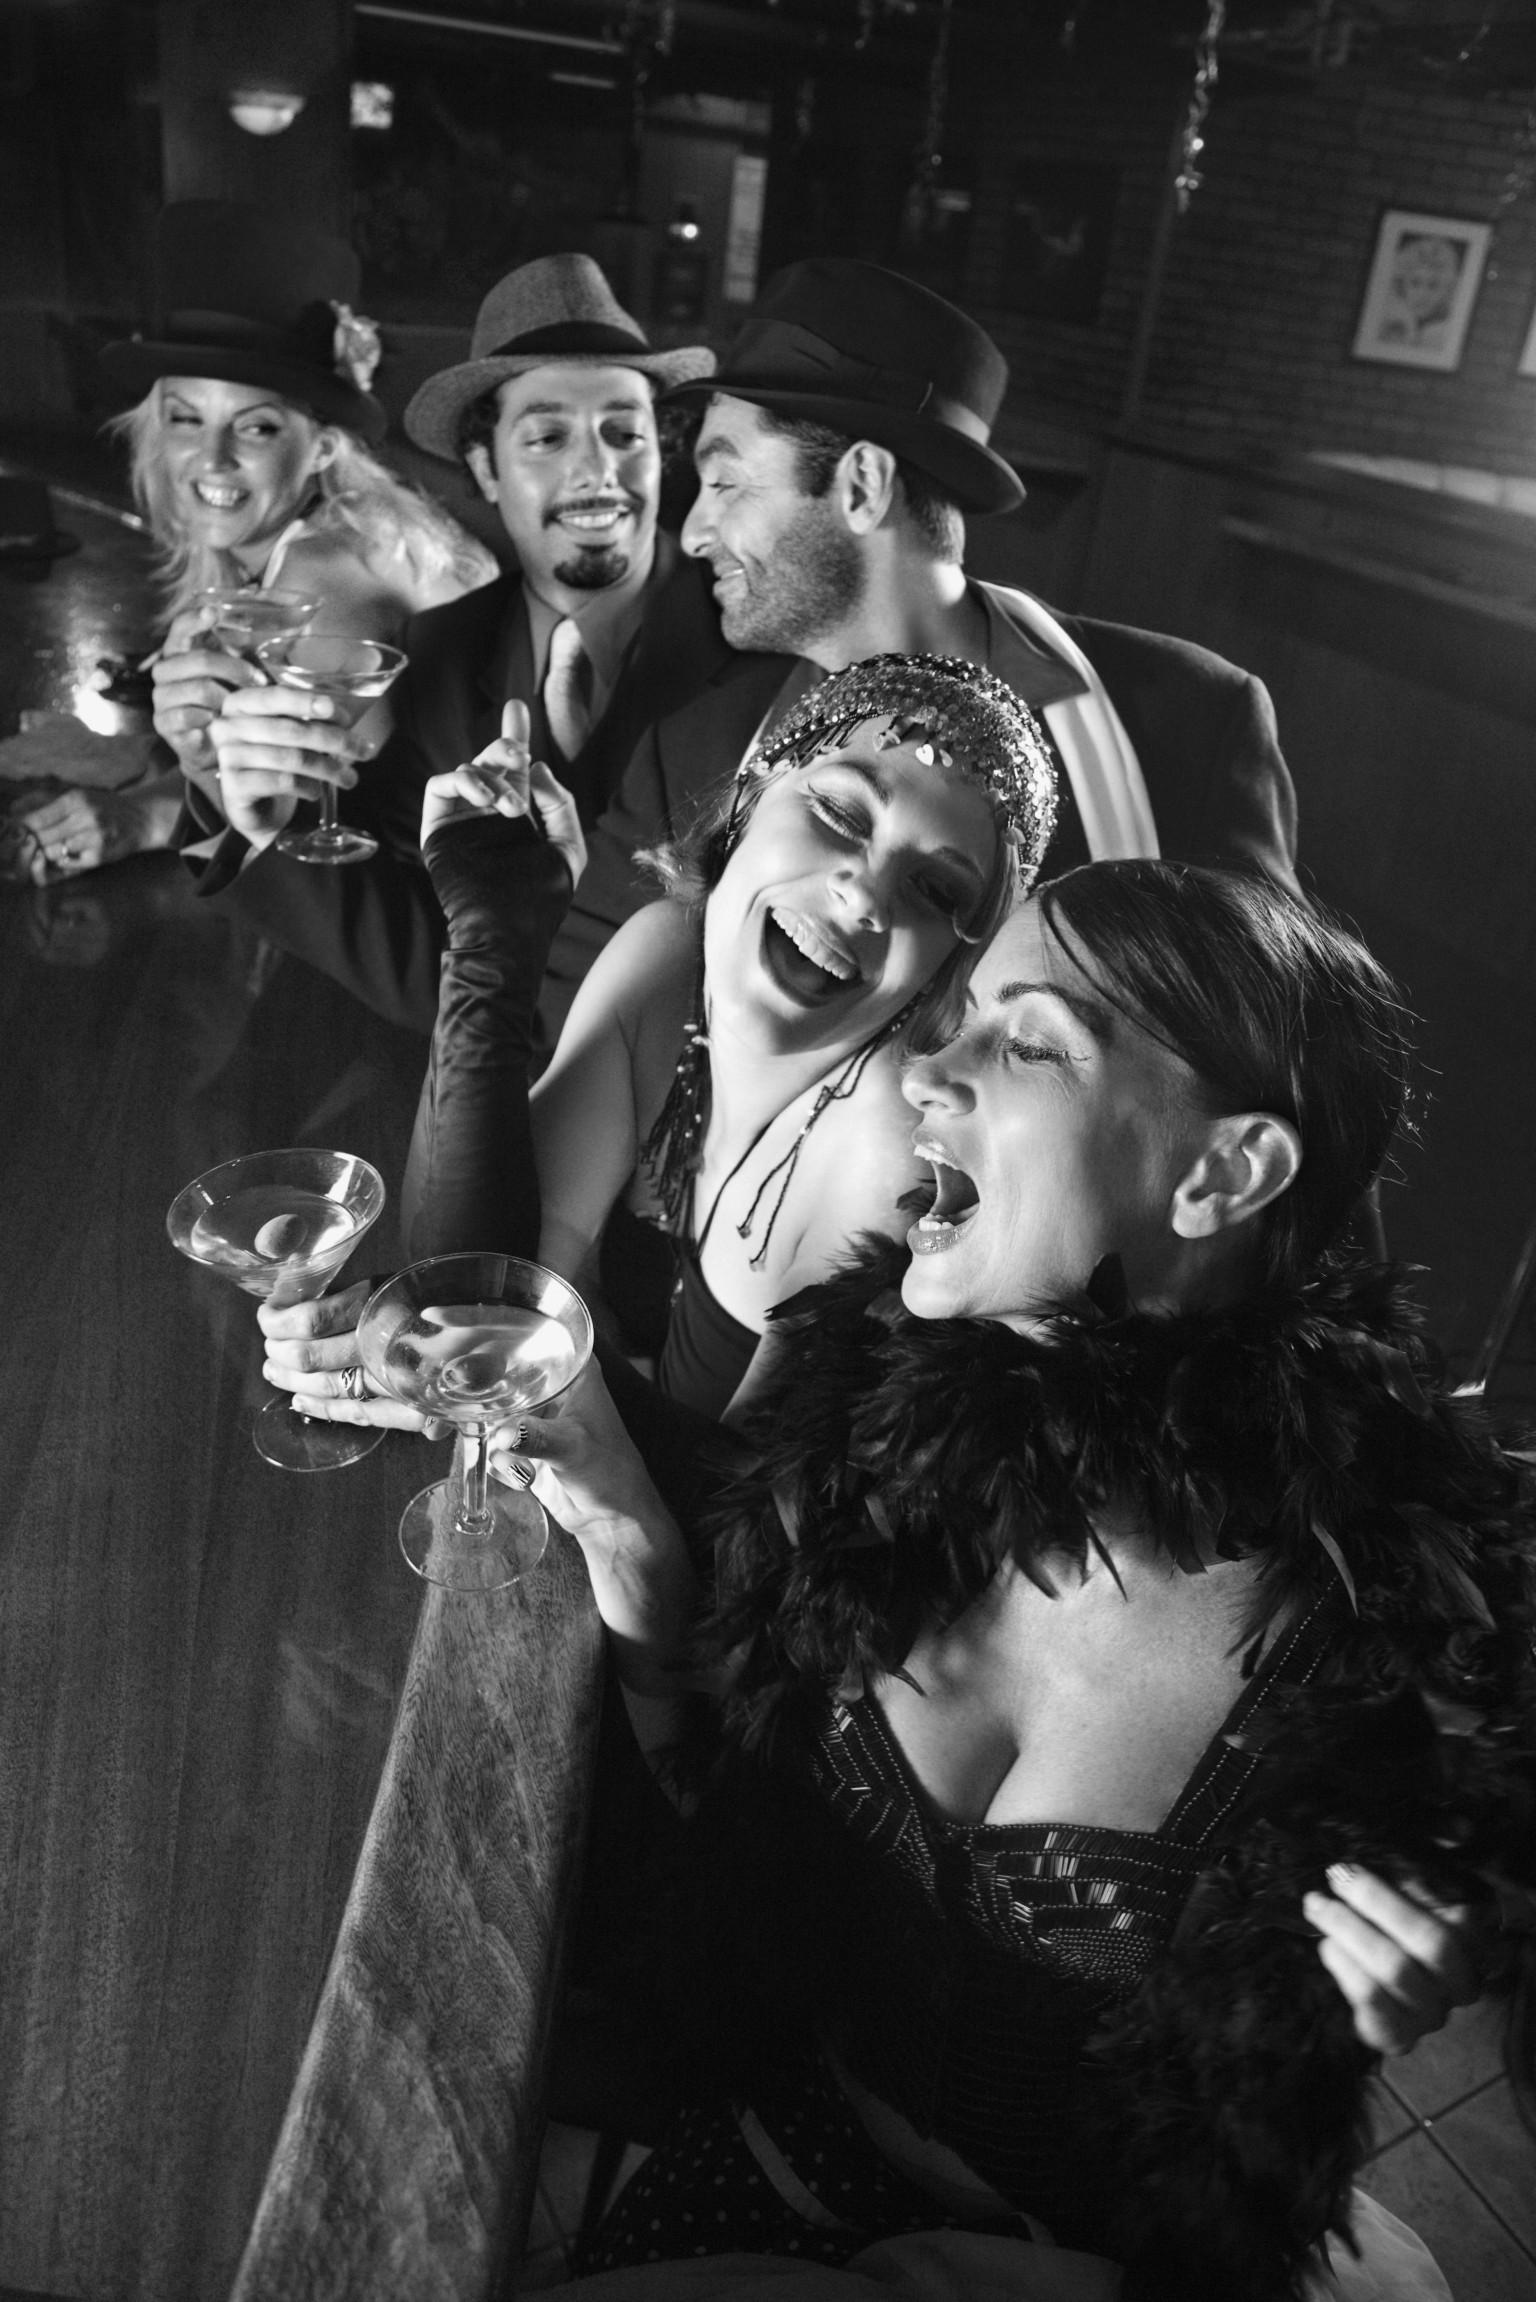 Ретро фото пьяных 10 фотография